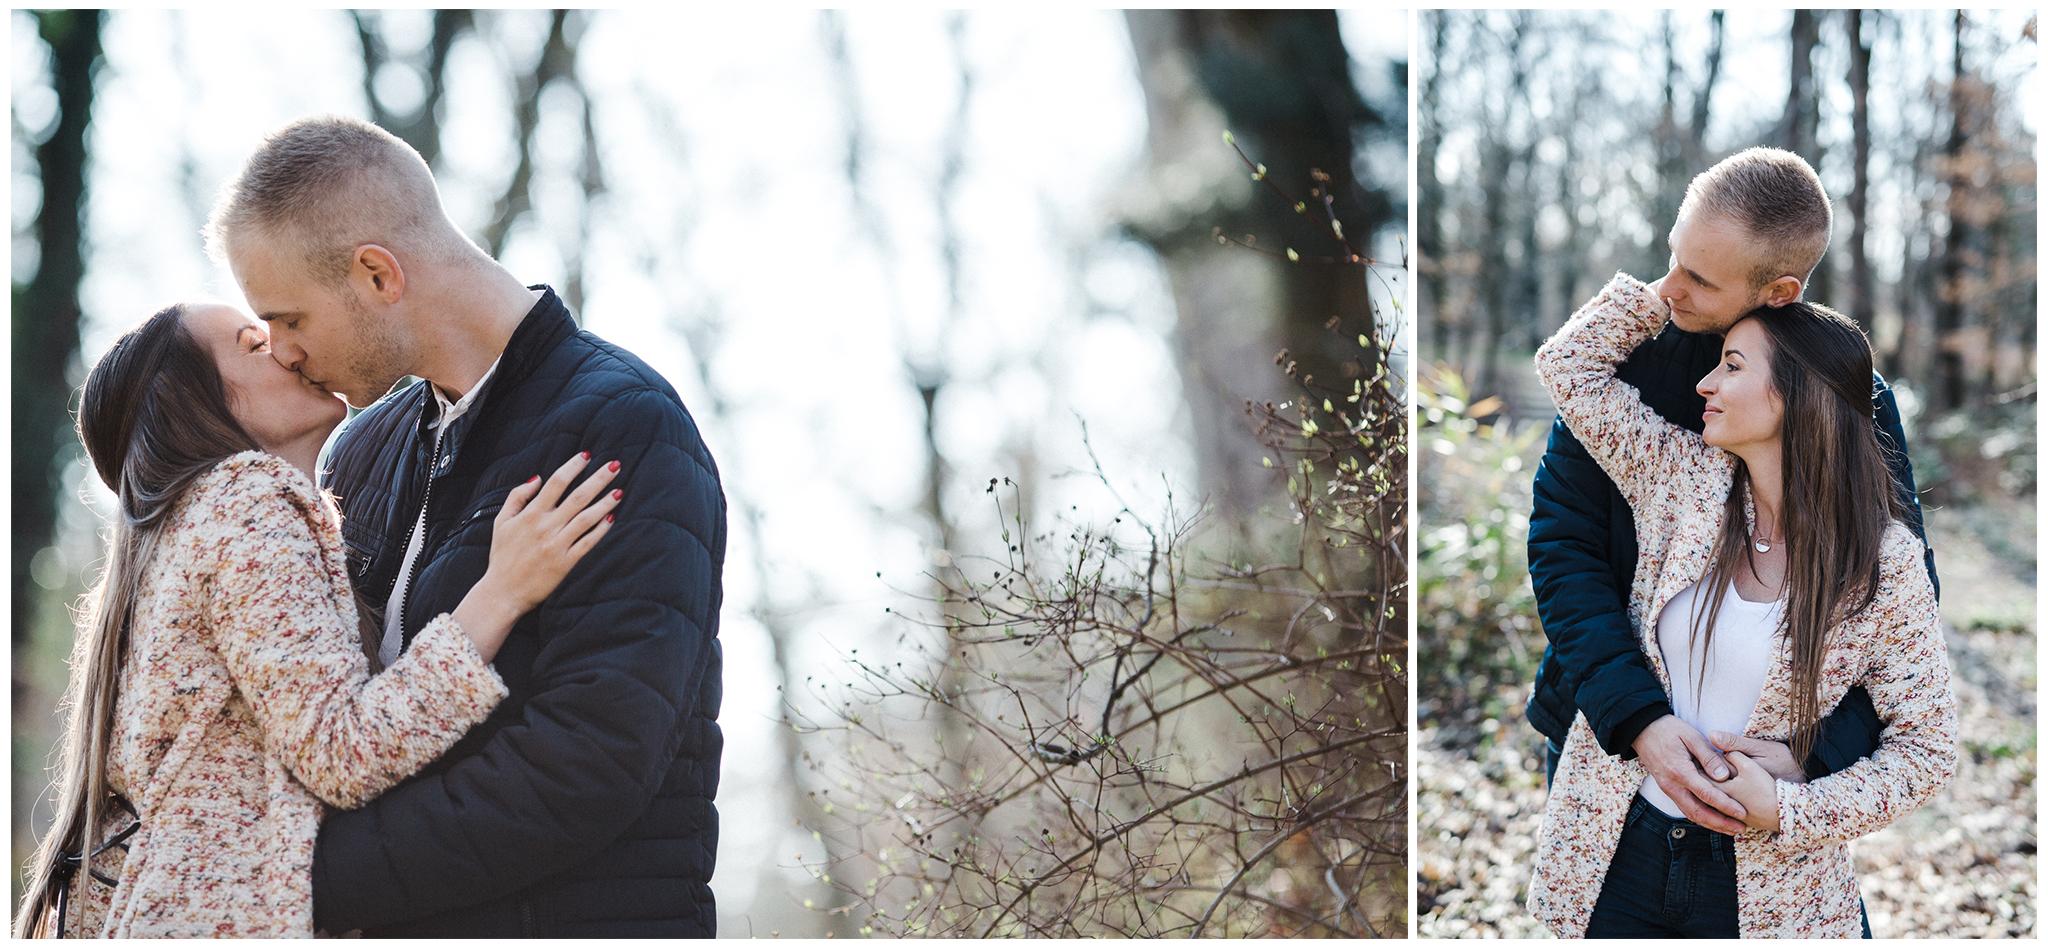 MONT_FylepPhoto, Esküvőfotós Vasmegye, Esküvő fotózás, Esküvői fotós, Körmend, Vas megye, Dunántúl, Budapest, Fülöp Péter, Jegyes fotózás, jegyesfotó_Réka&Peti,2018_008.jpg